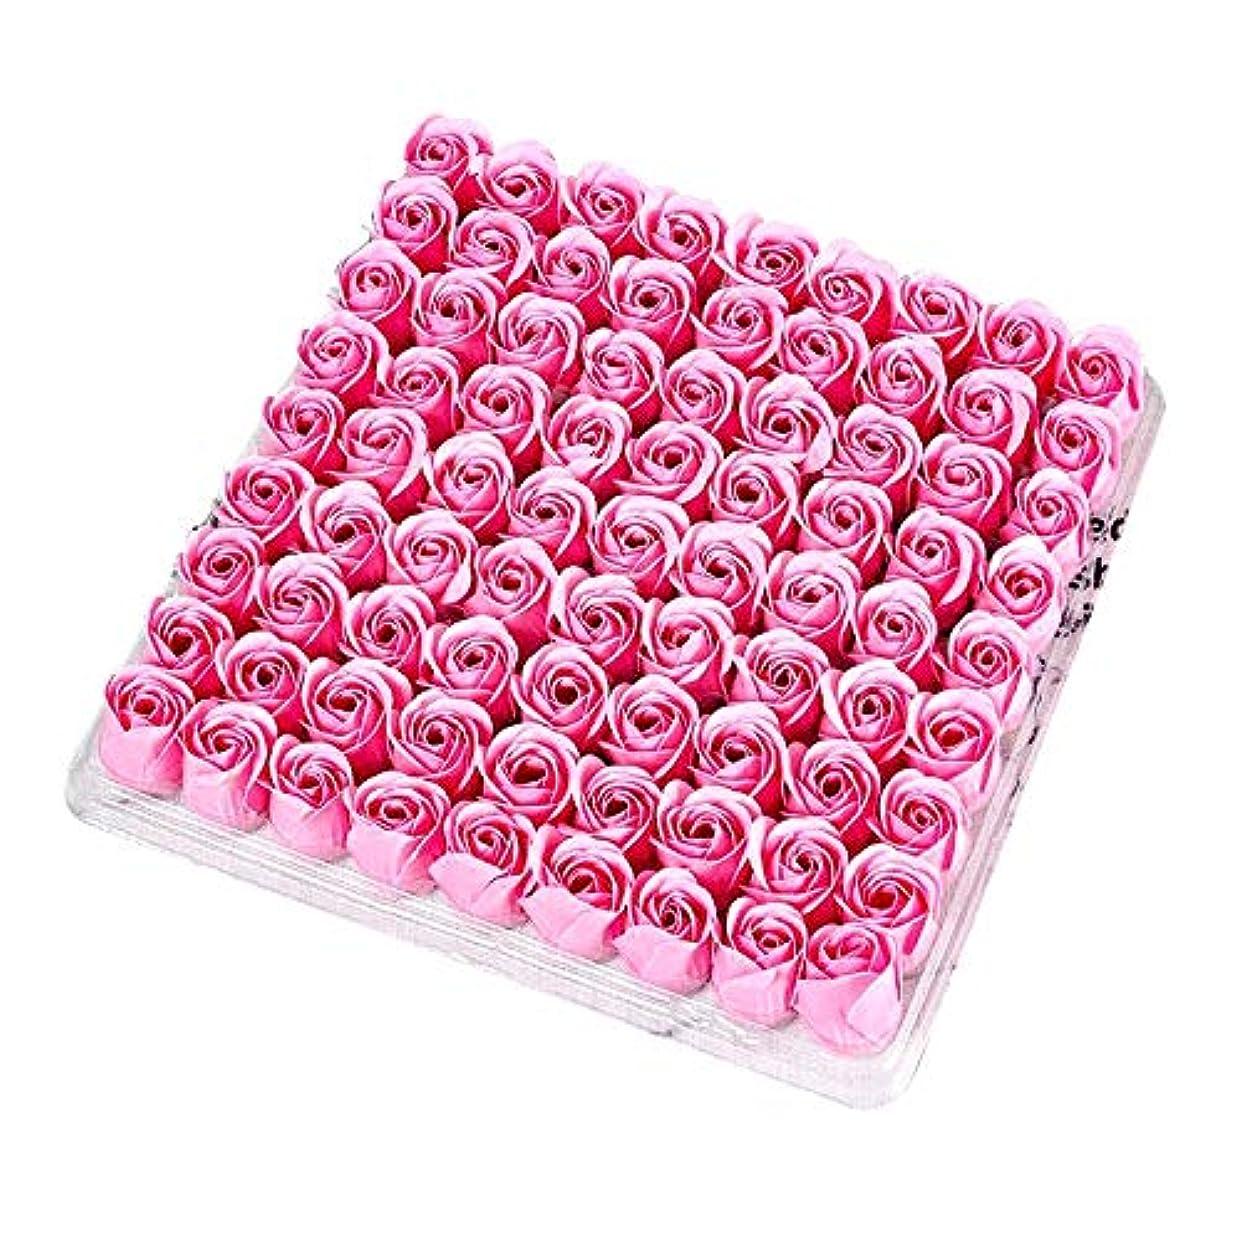 読み書きのできない発明する参照するCUHAWUDBA 81個の薔薇、バス ボディ フラワー フローラルの石けん 香りのよいローズフラワー エッセンシャルオイル フローラルのお客様への石鹸 ウェディング、パーティー、バレンタインデーの贈り物、ピンク